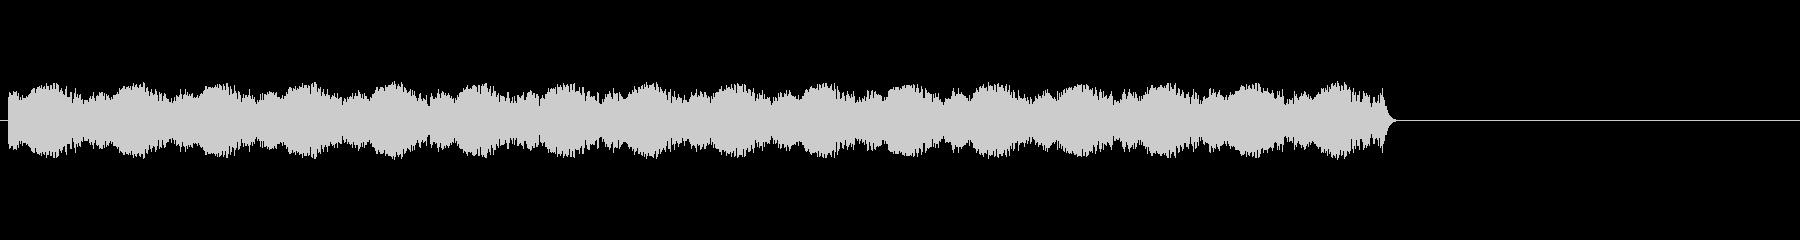 強化レーザー2の未再生の波形